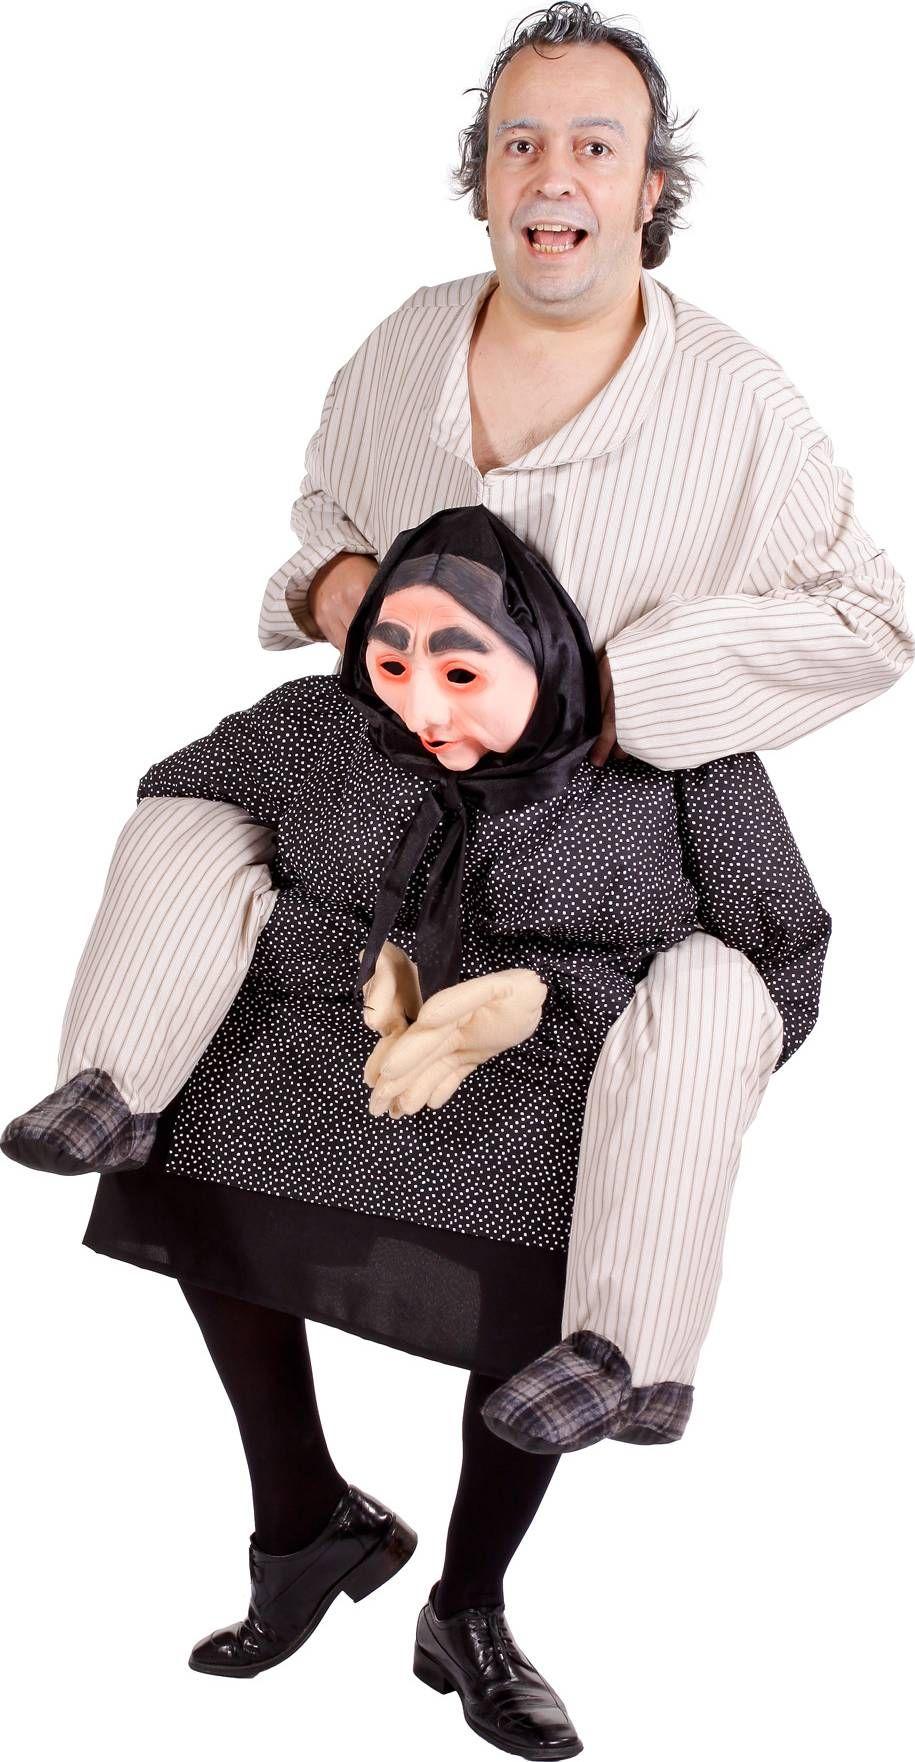 0a9831c7ecfb5 Déguisement humoristique homme à dos de grand mère | Halloween ...